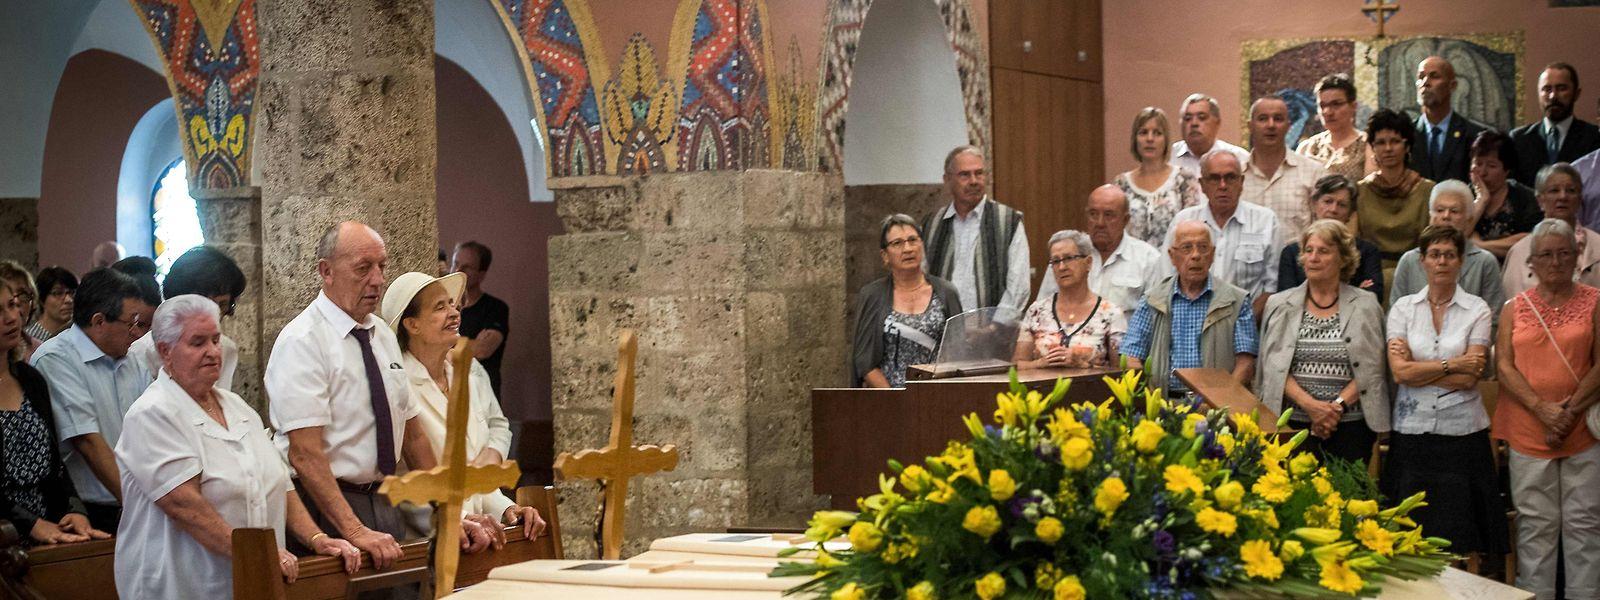 Späte letzte Ruhe: Im Beisein zweier ihrer Töchter wurden die Eheleute Dumoulin beigesetzt.